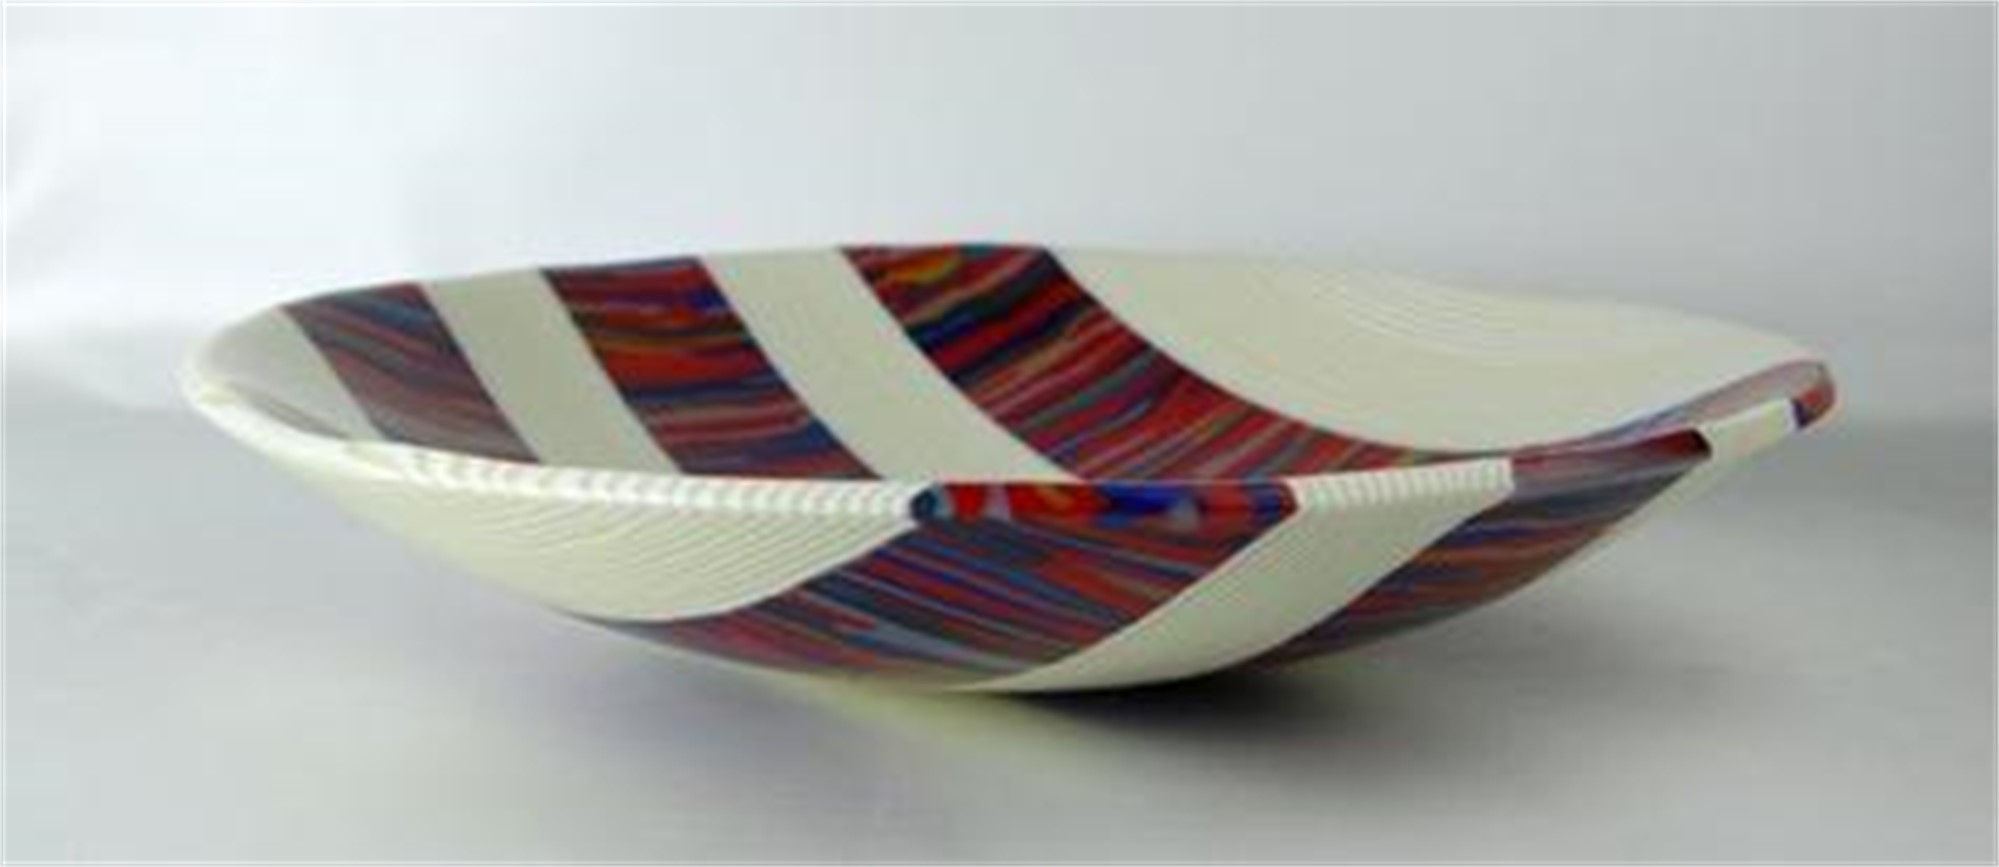 Stripes by Greg Rawls